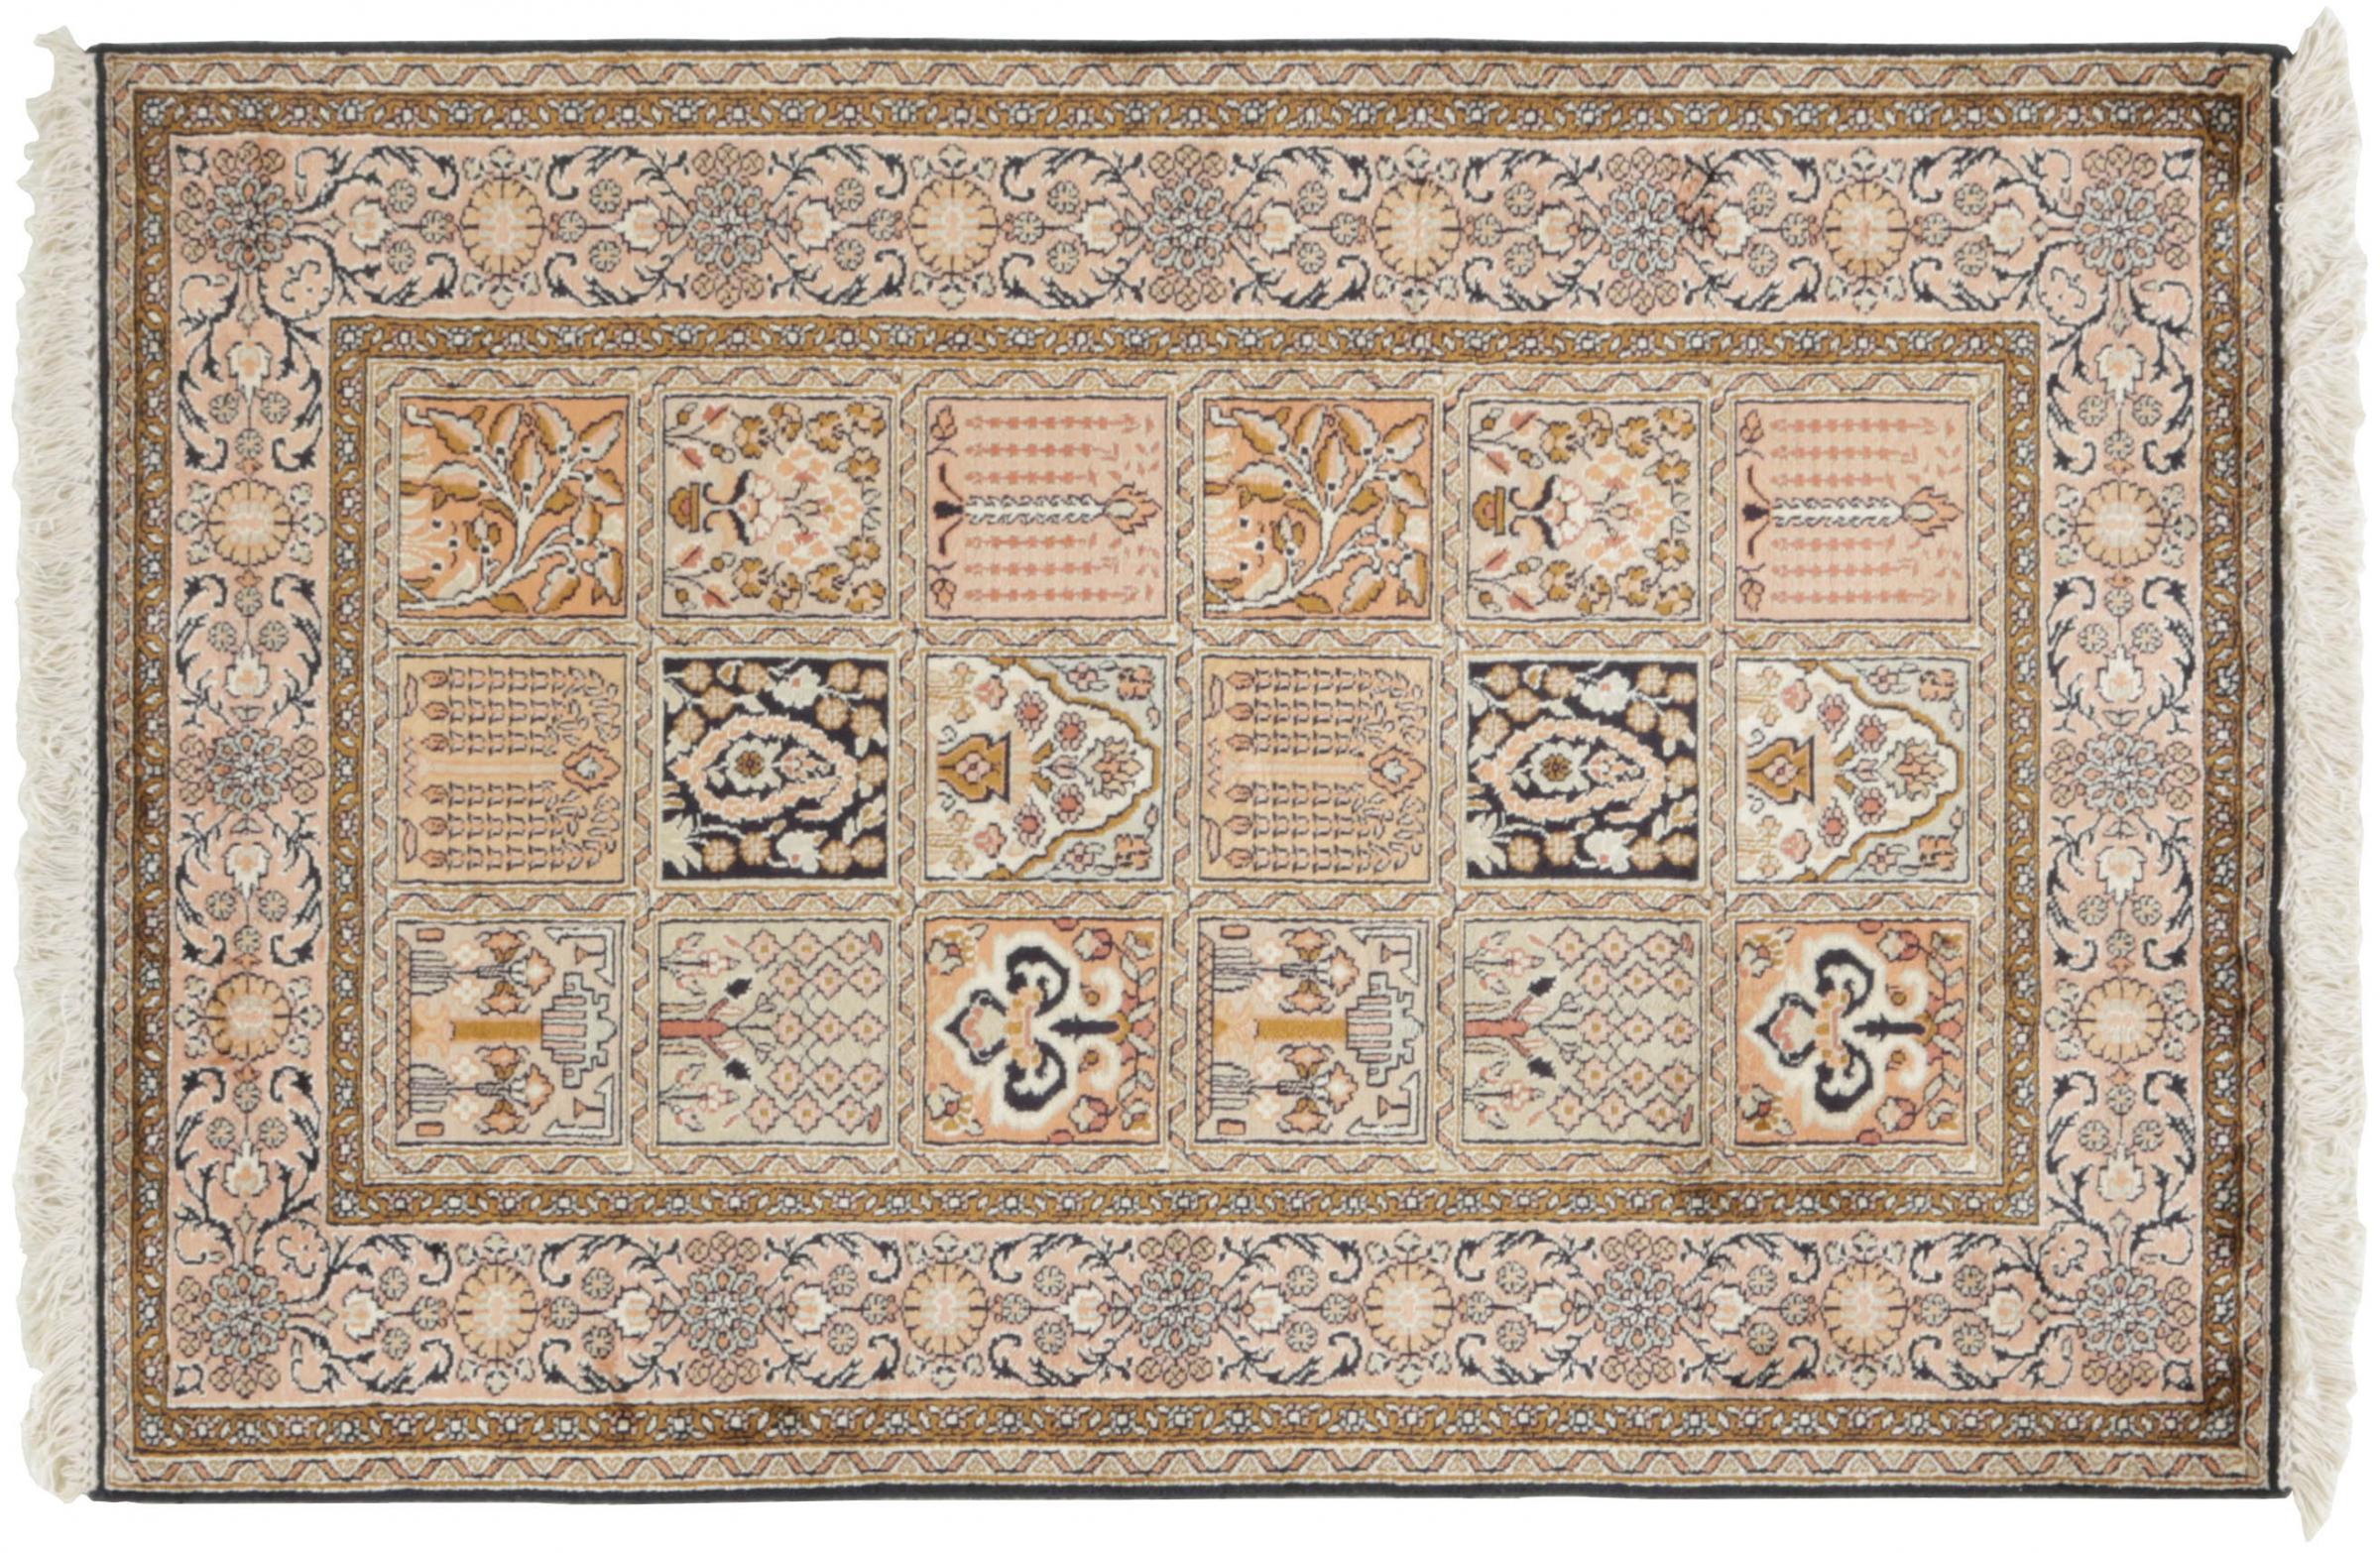 kaschmir reine seide indischer teppich 120x80 id33914. Black Bedroom Furniture Sets. Home Design Ideas